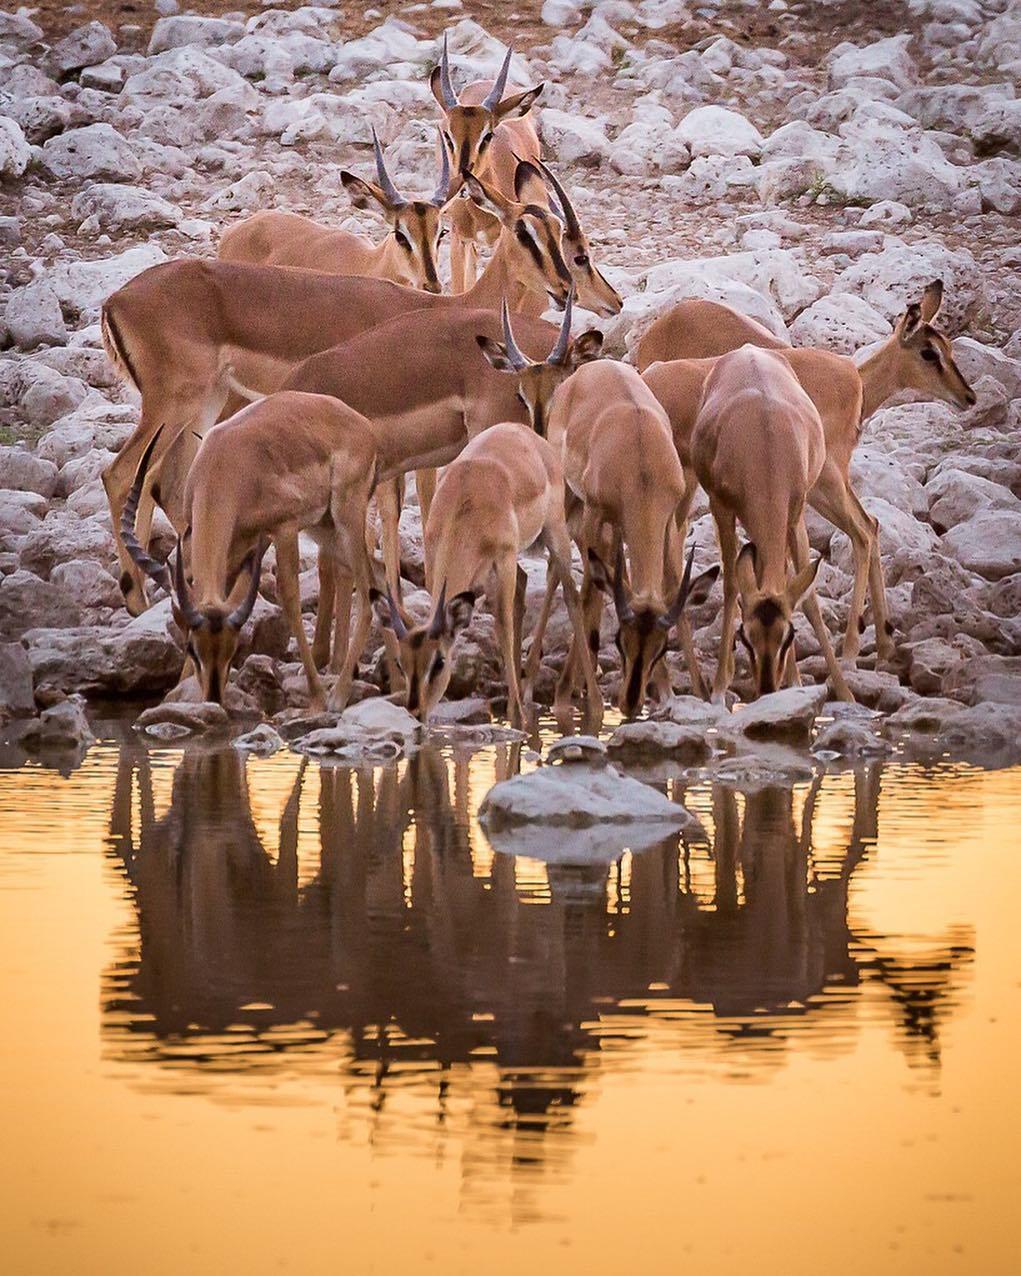 Okaukuejo waterhole, Namibia